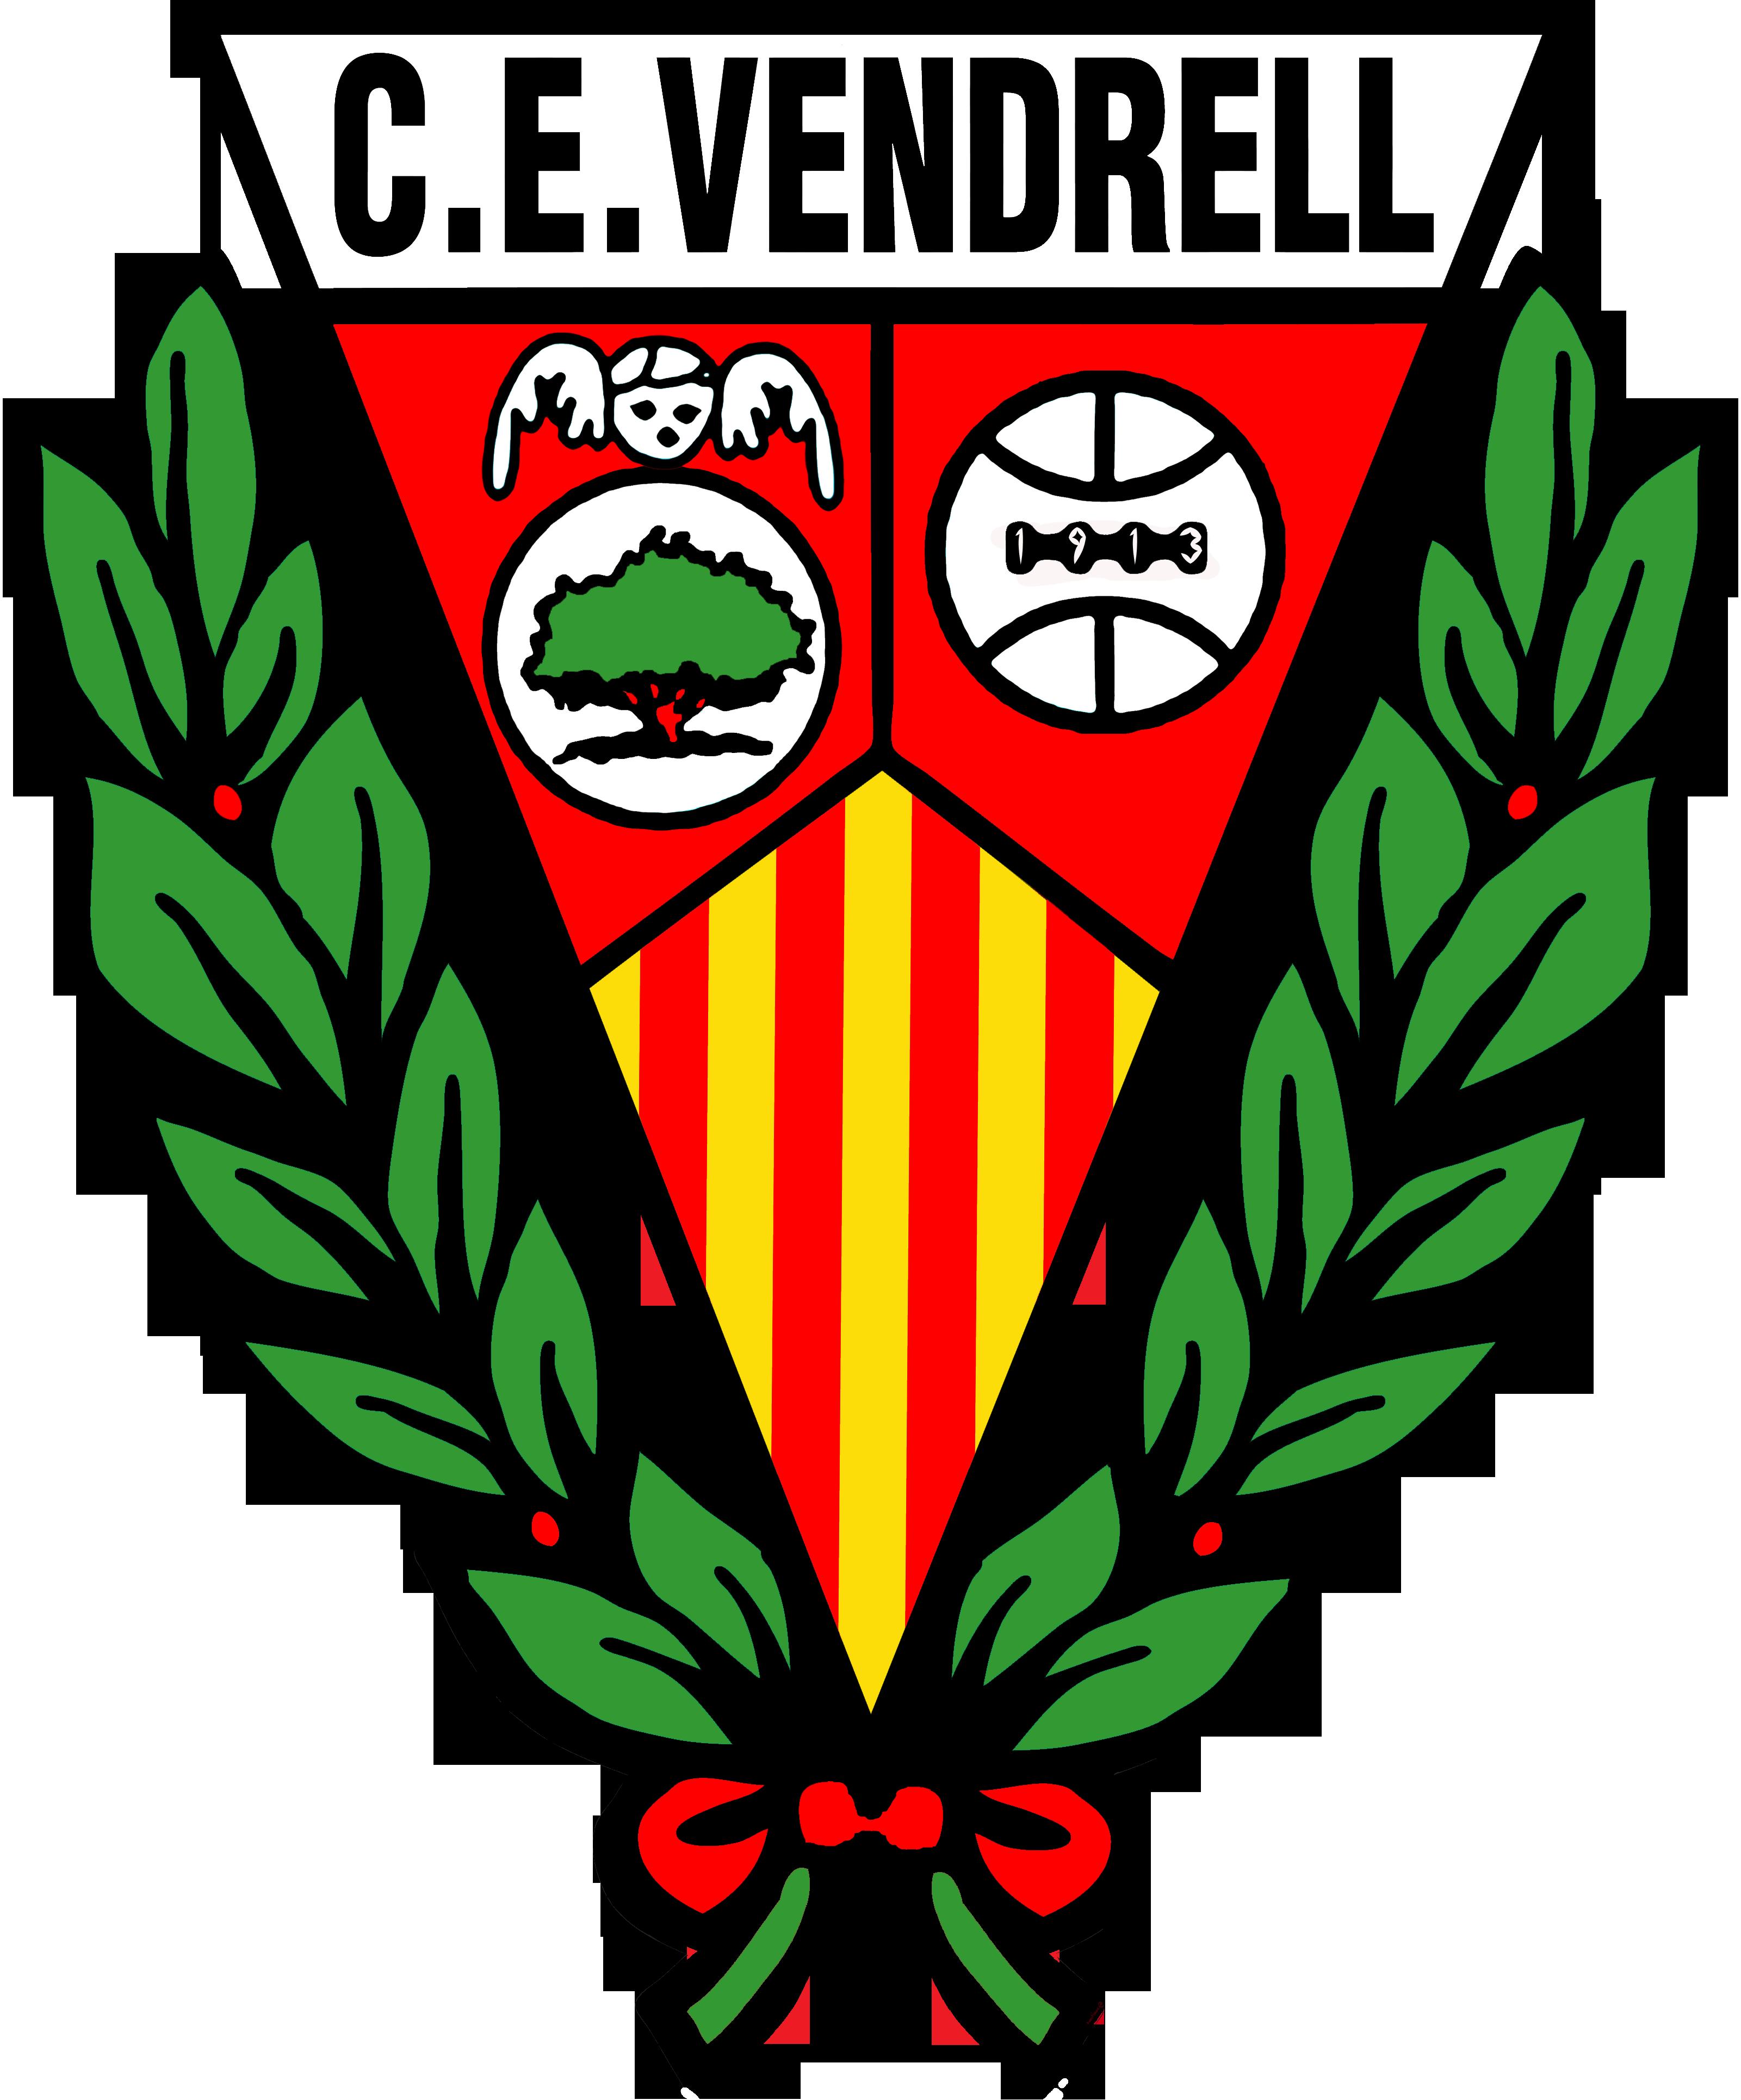 C.E. Vendrell PreBenj. A